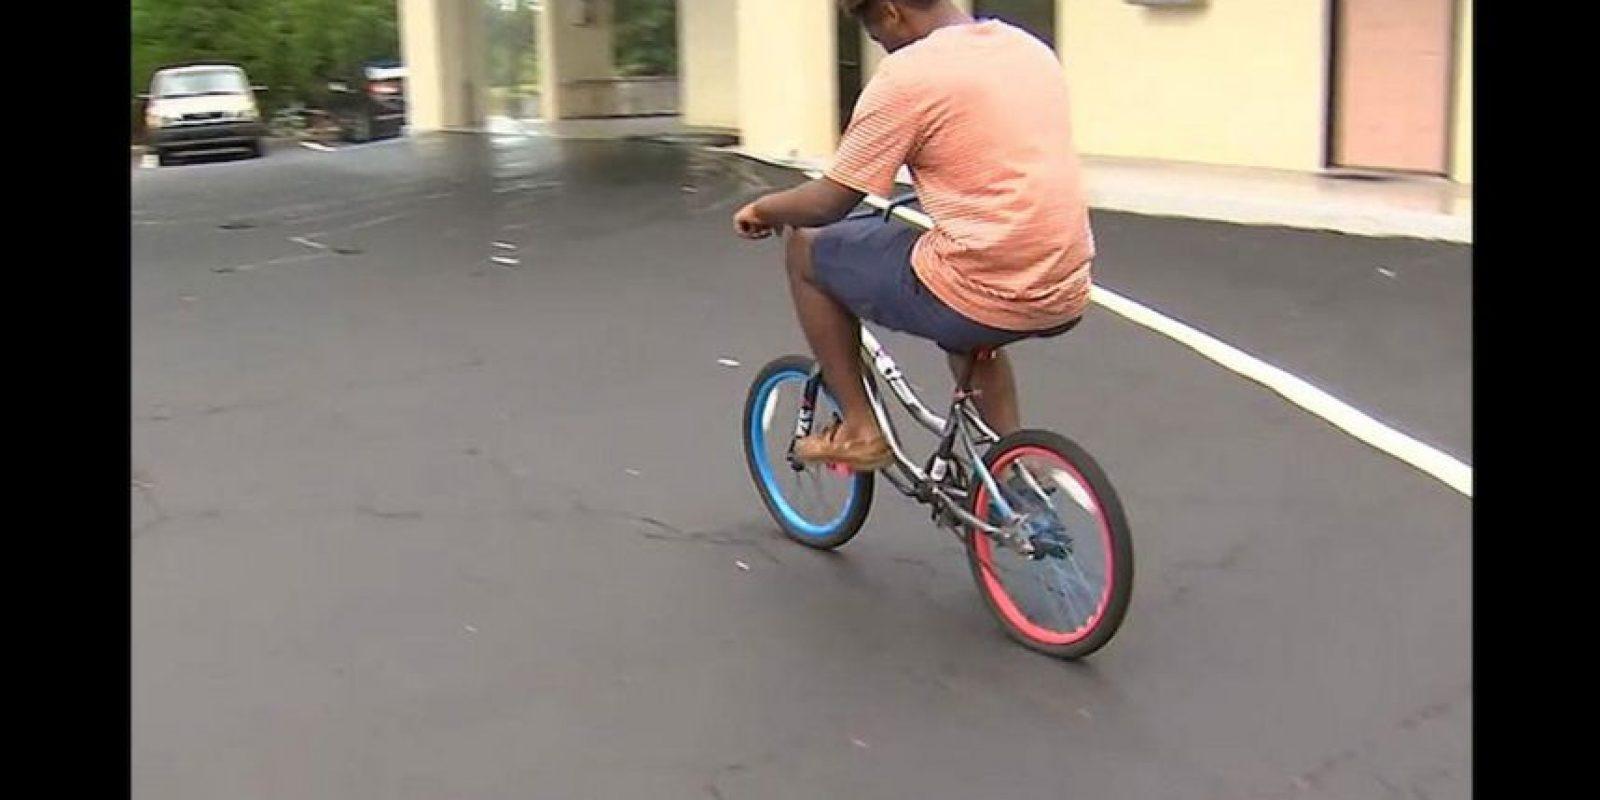 Fred Barley viajo una distancia de aproximadamente 80 kilómetros sobre una bicicleta infantil para poder asistir a la universidad en el estado de Georgia, Estados Unidos. Foto:Reproducción WSB-TV ATLANTA